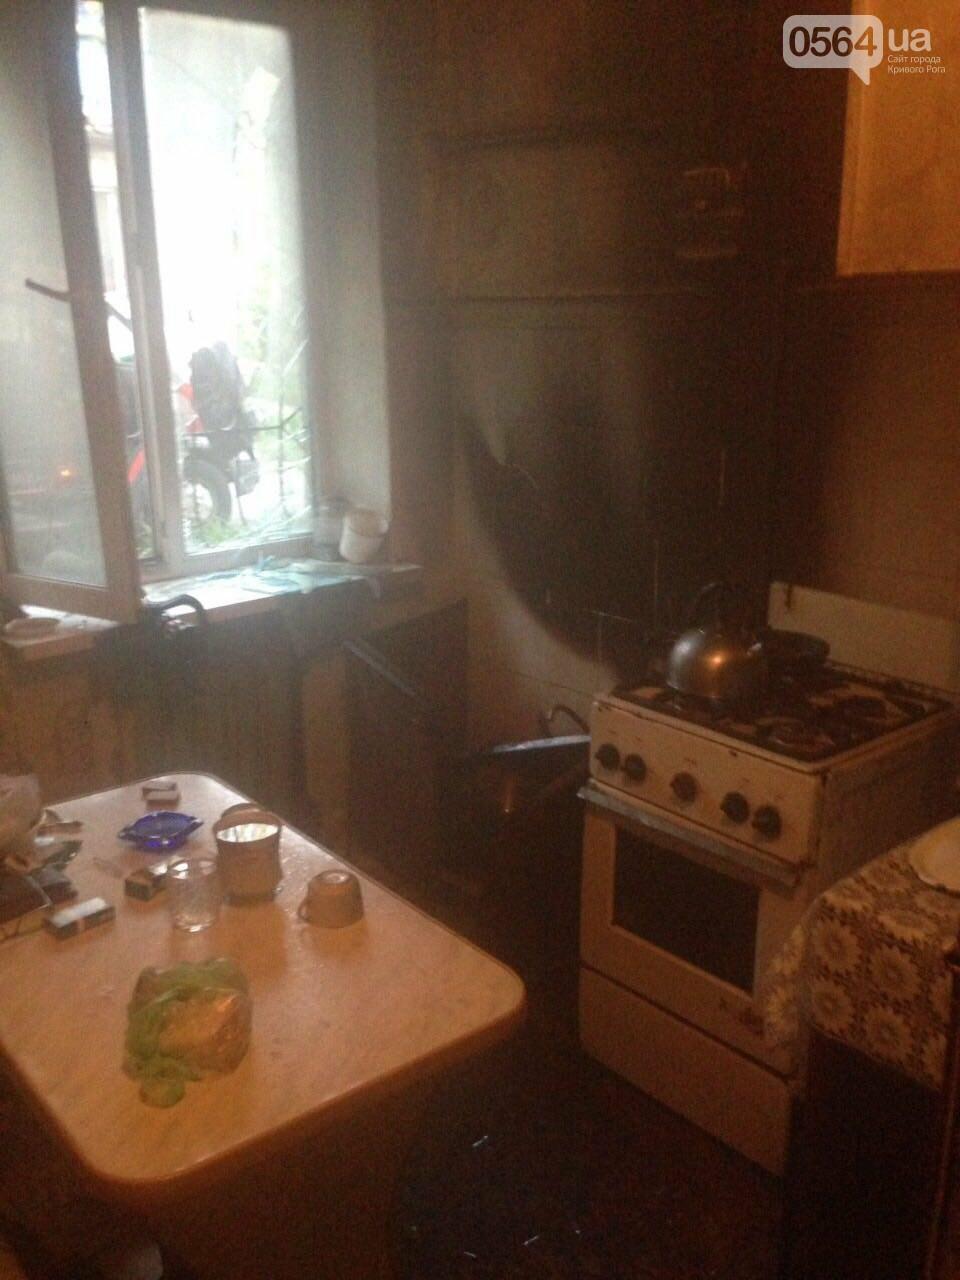 В Кривом Роге спасатели вынесли из горящей квартиры пенсионерку (ФОТО) , фото-1